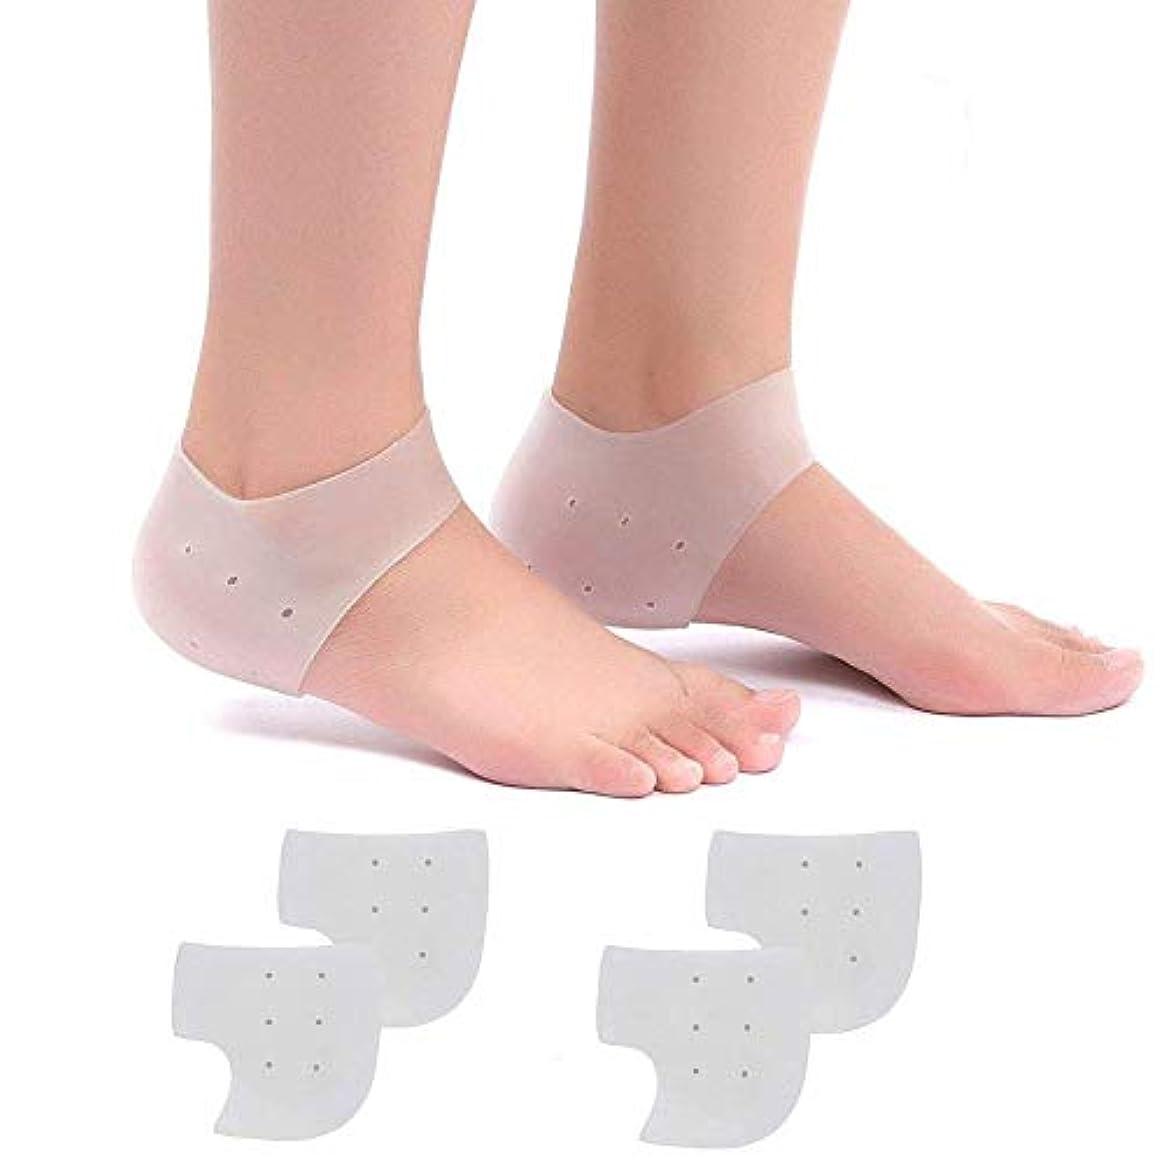 昇る活気づける優遇シリコーンヒールスリーブ通気性シリコーンヒールカップ保護パッドの10組、ドライかかとを修復し、足底筋膜炎/アキレス腱/腱/ヒールスパー/かかとの痛みを軽減することができます